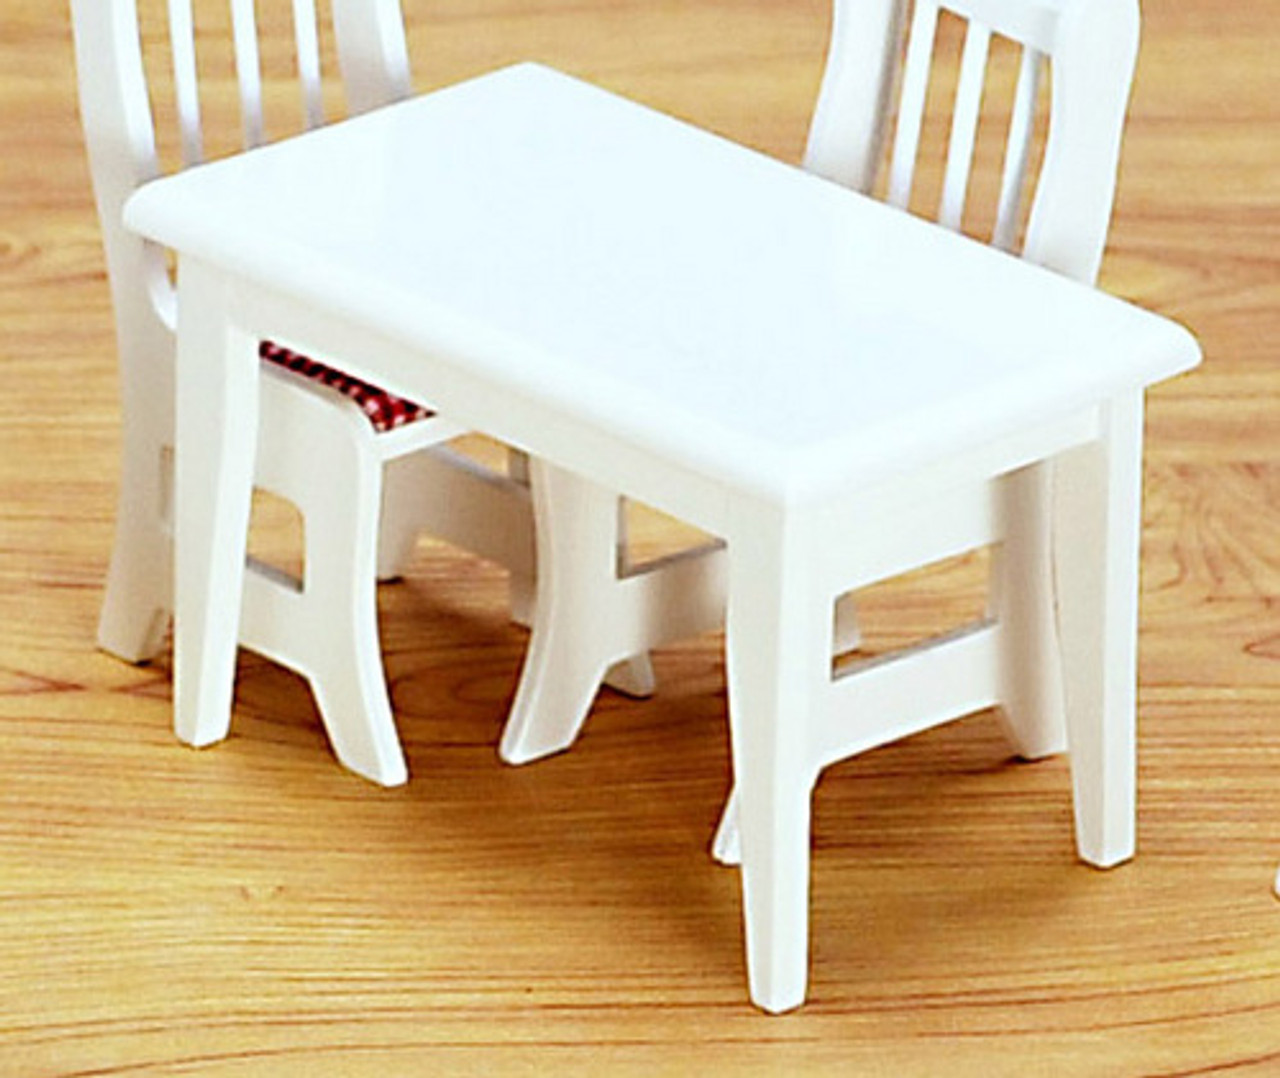 Kicthen Table - White